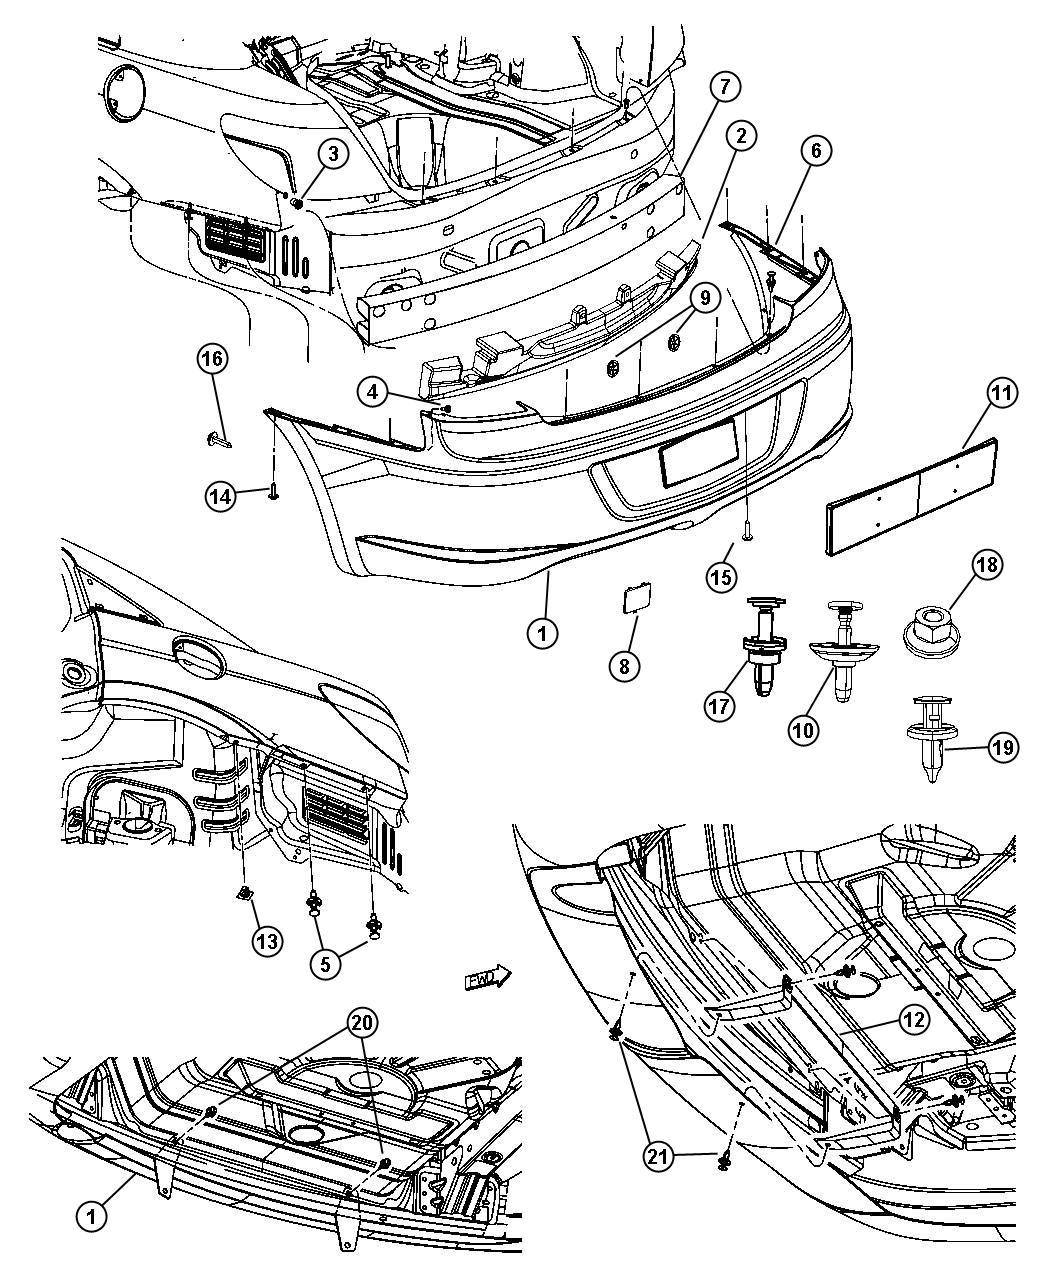 Chrysler Sebring Bracket, license plate kit. Front. Mdj